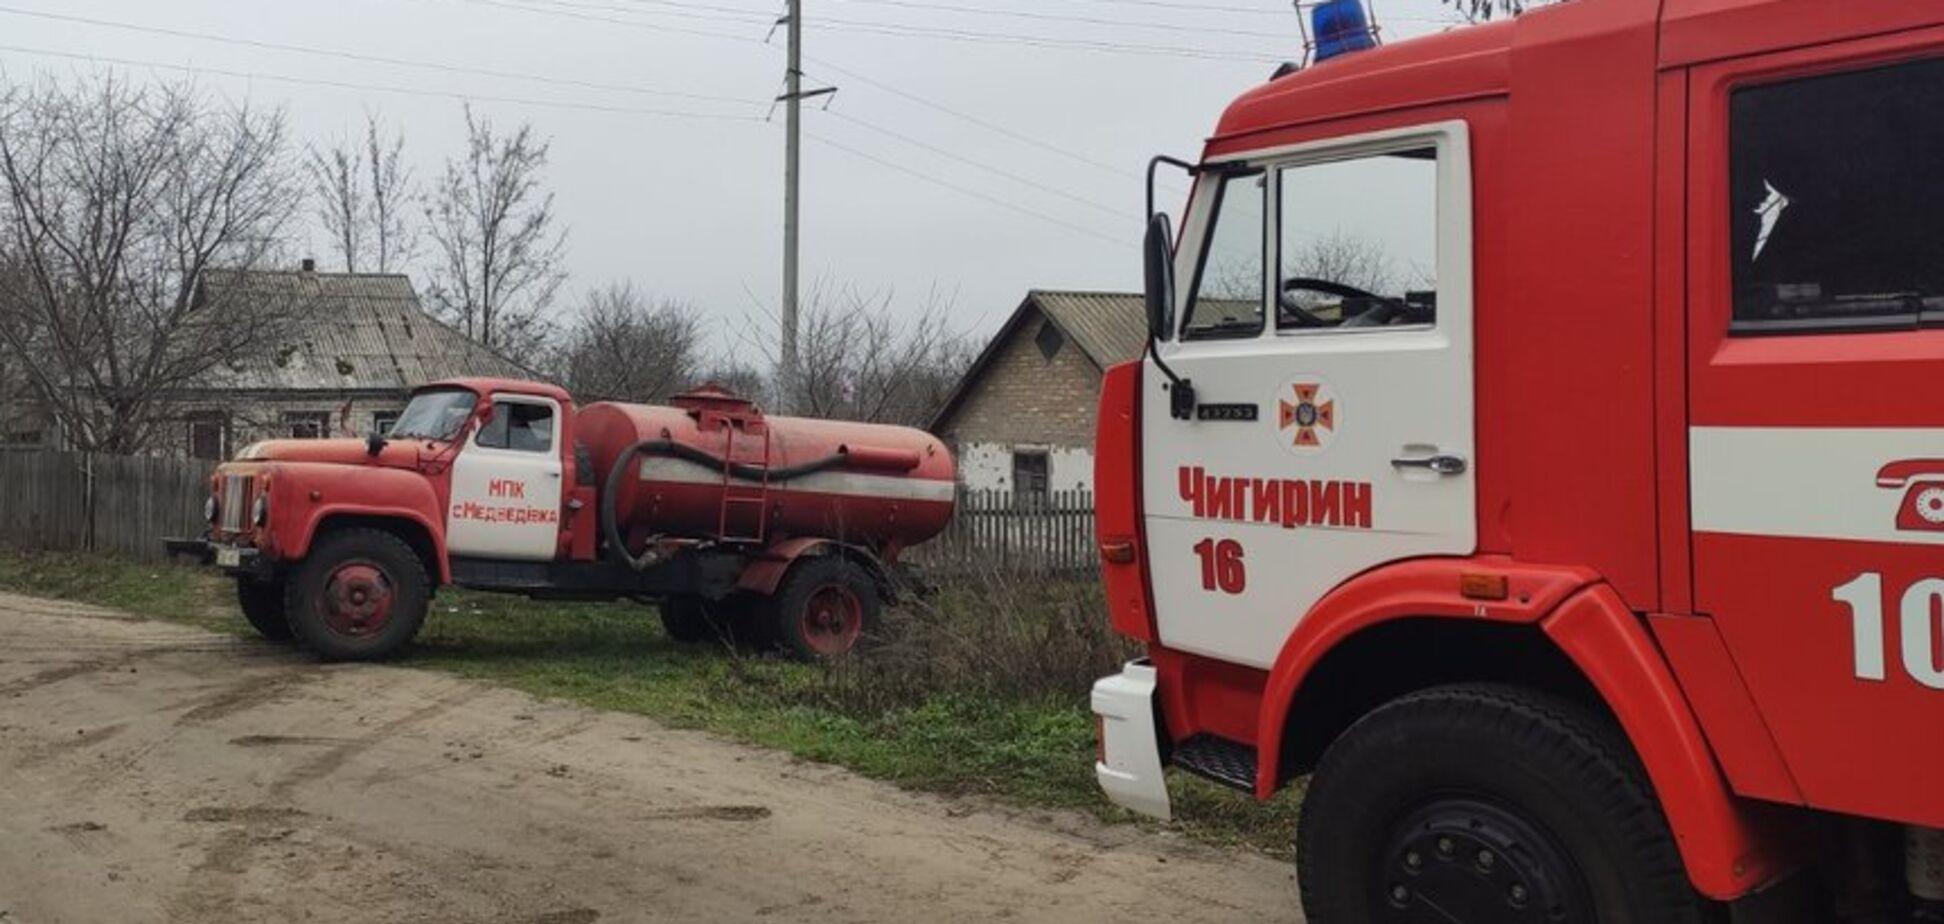 Одного врятував АТОвець: з'явилися деталі страшної пожежі з дітьми на Черкащині. Фото, відео